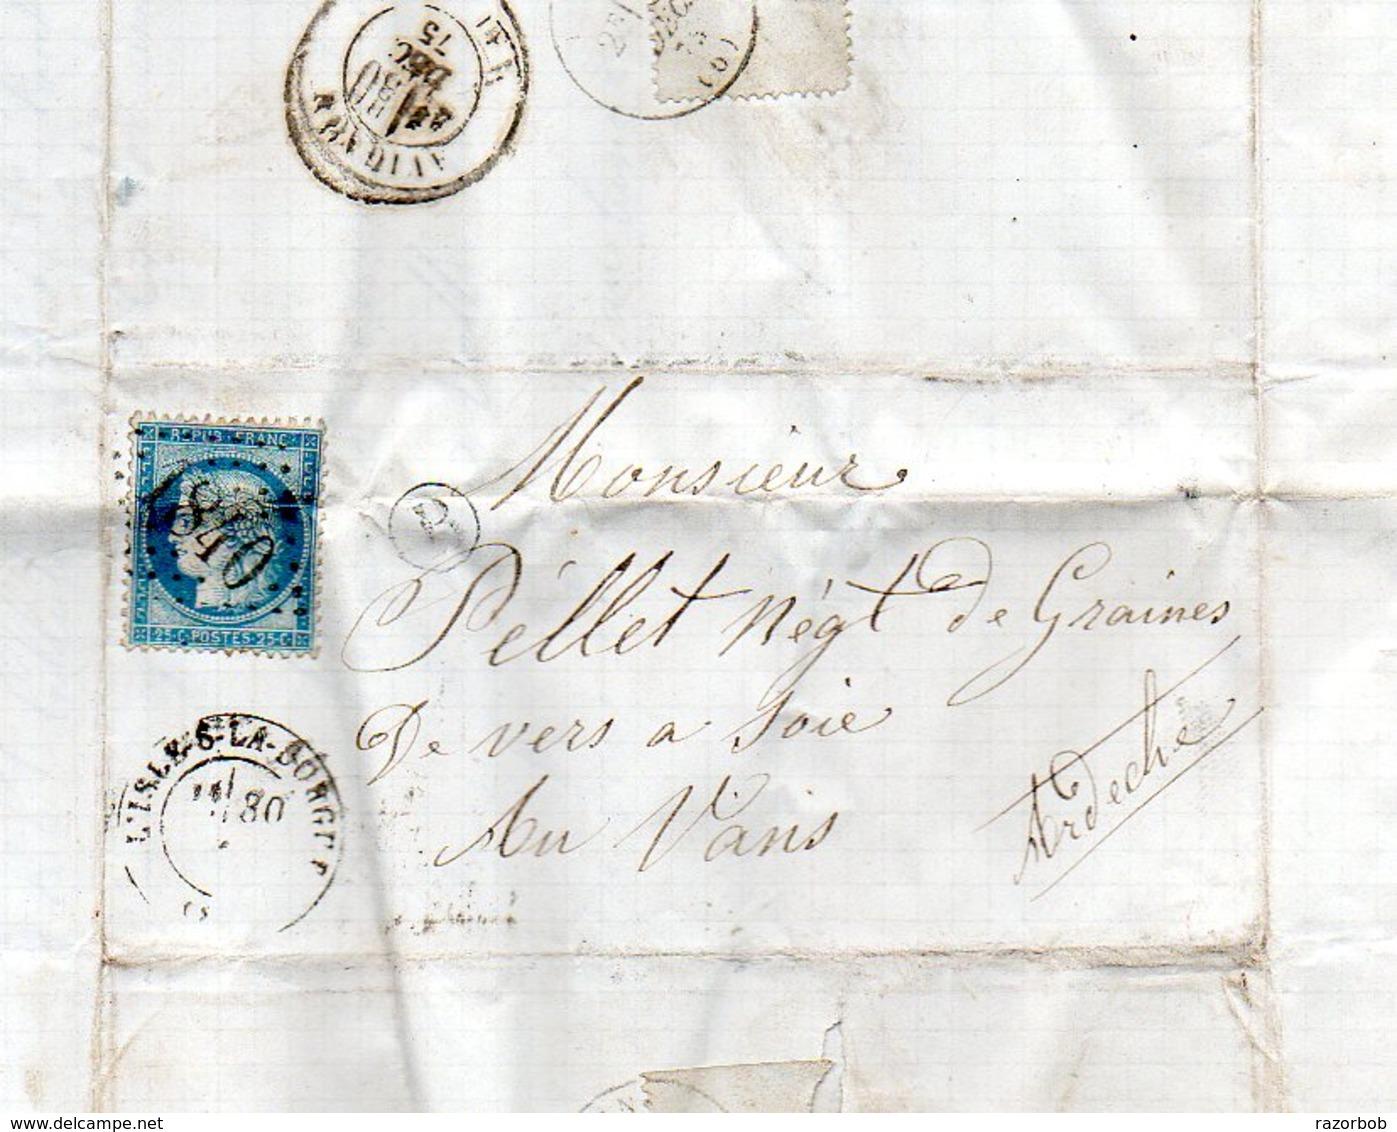 LAC L'Isle Sur La Sorgue Vaucluse 1875 GC Sur Ceres 25c   BR B :  Cabrière   H778 - France